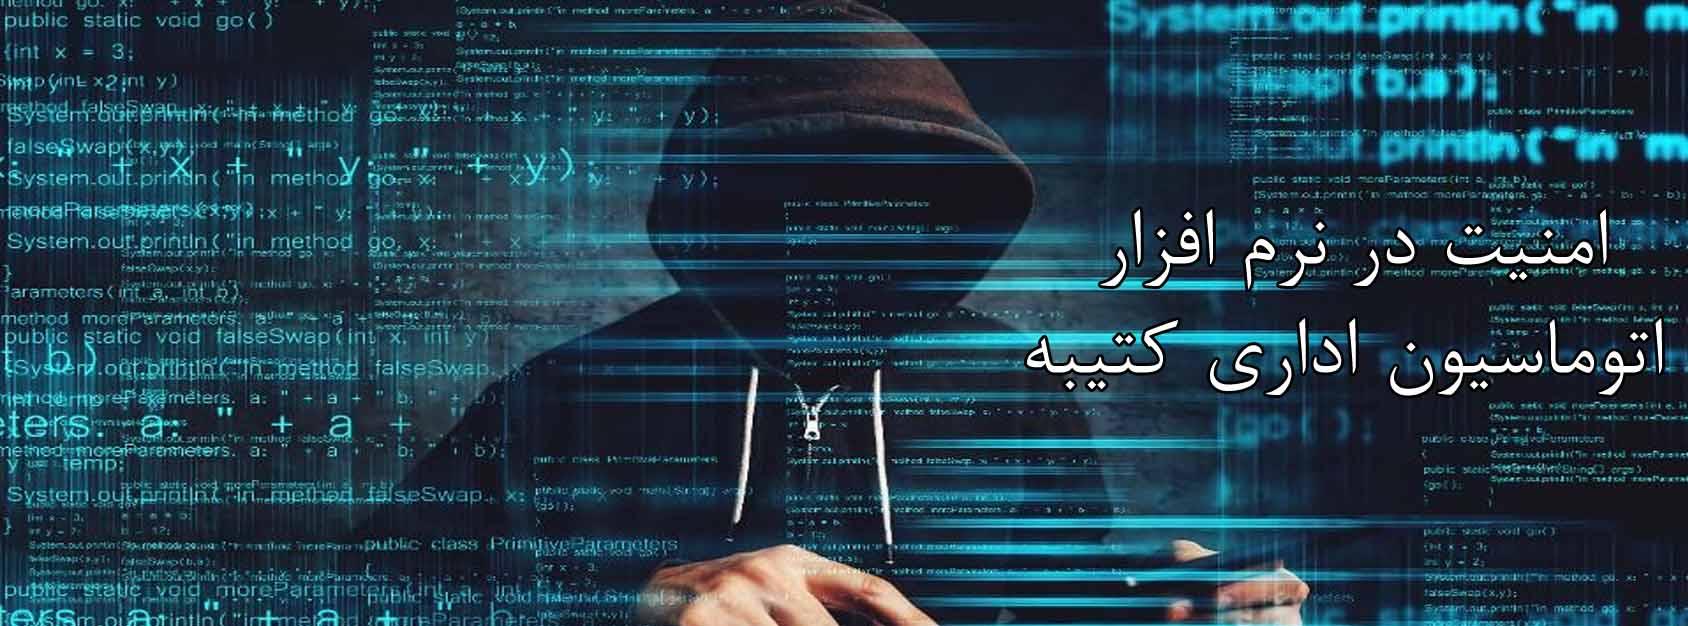 امنیت در نرم افزار اتوماسیون اداری کتیبه